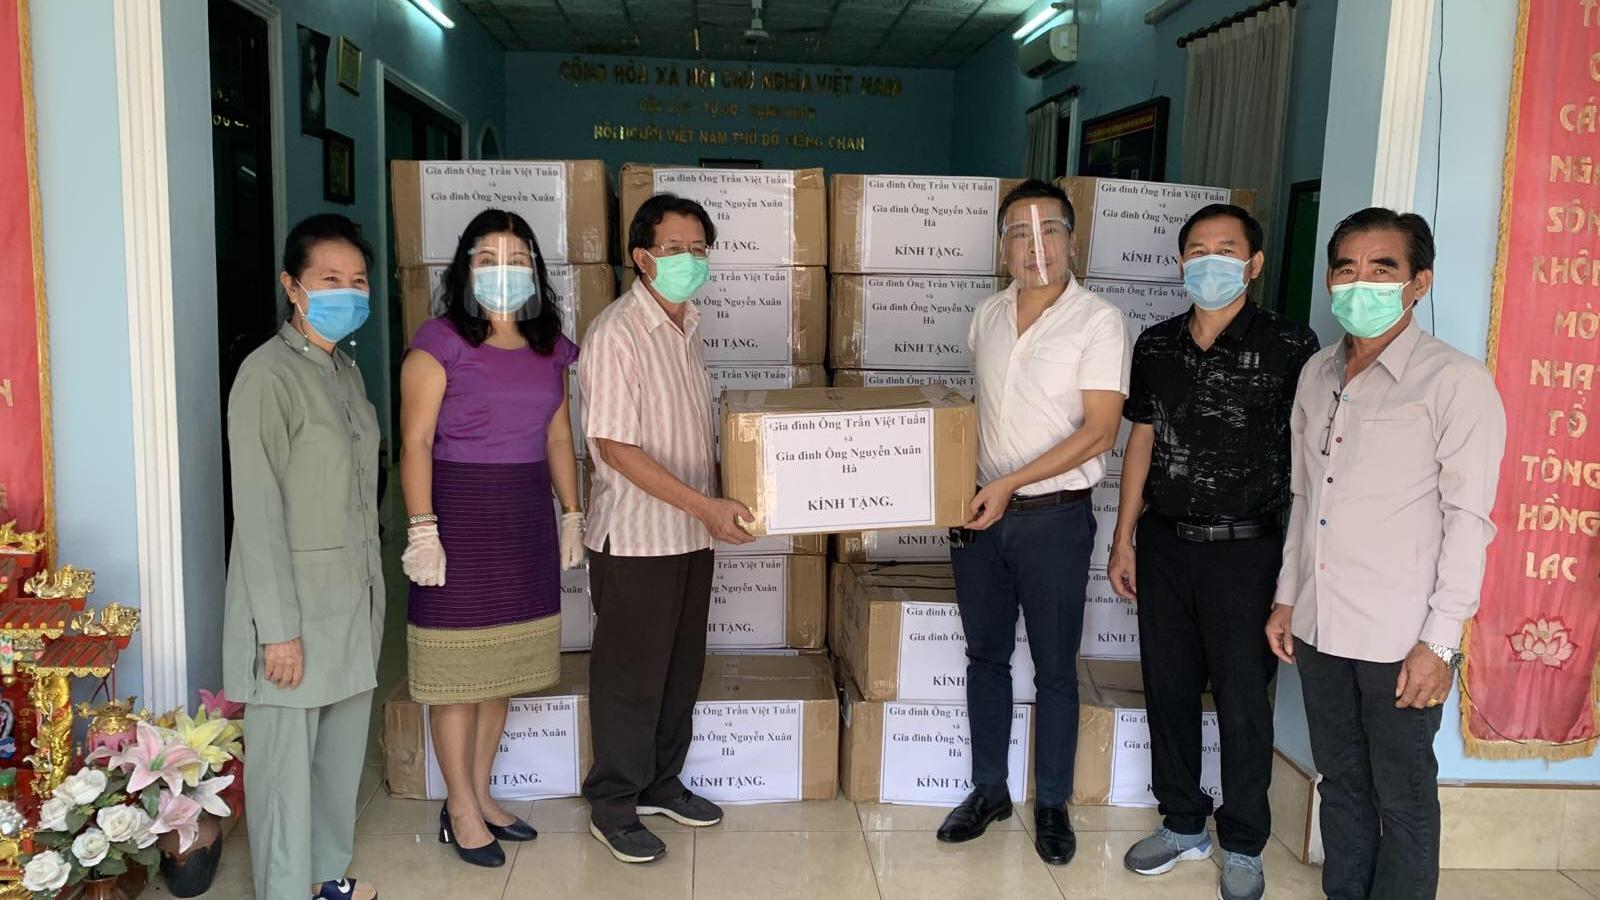 Tặng khẩu trang cho cộng đồng người Việt tạithủ đô Vientiane (Lào)